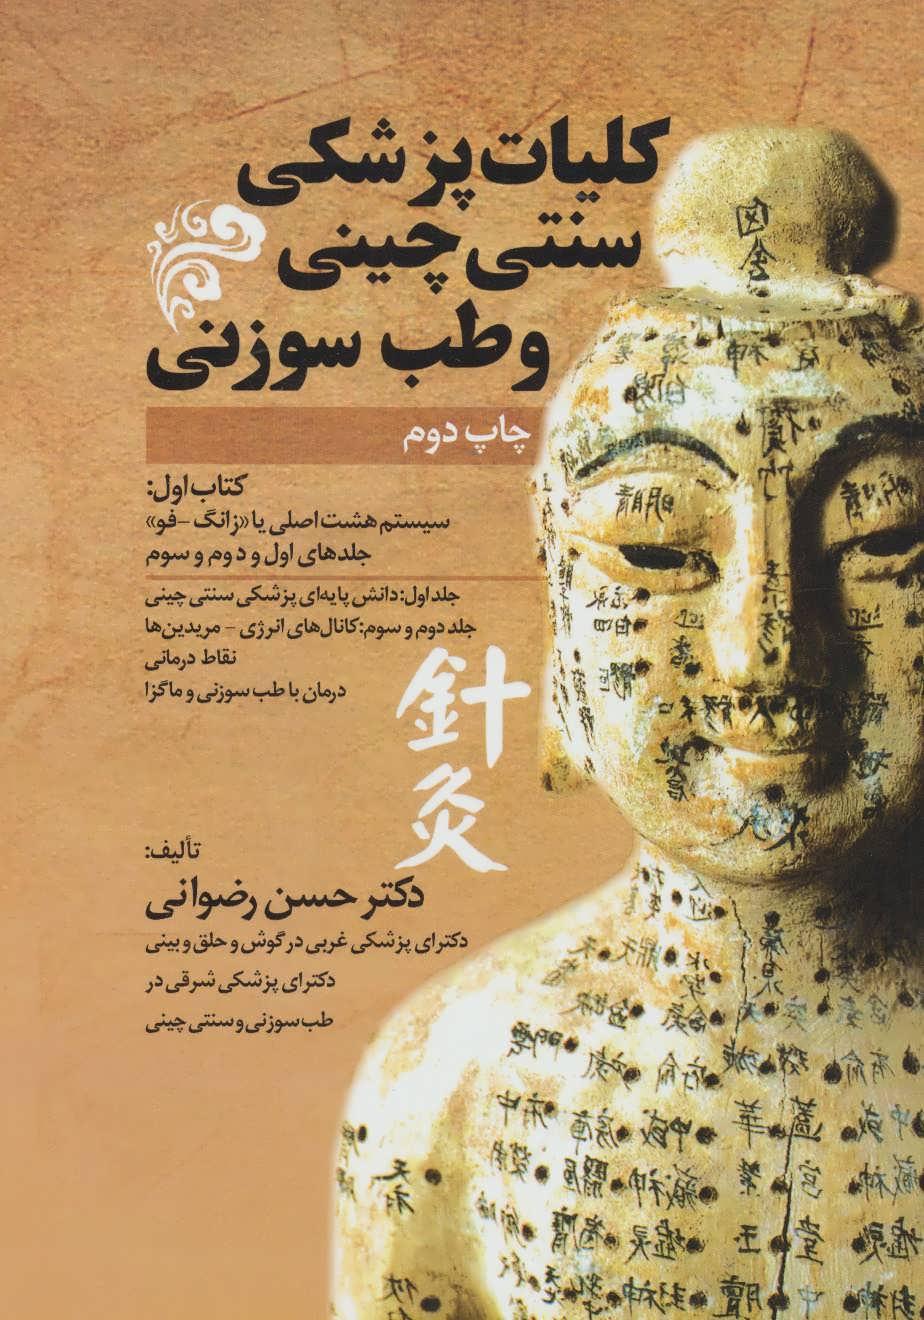 کلیات پزشکی سنتی چینی و طب سوزنی (جلدهای اول و دوم و سوم)